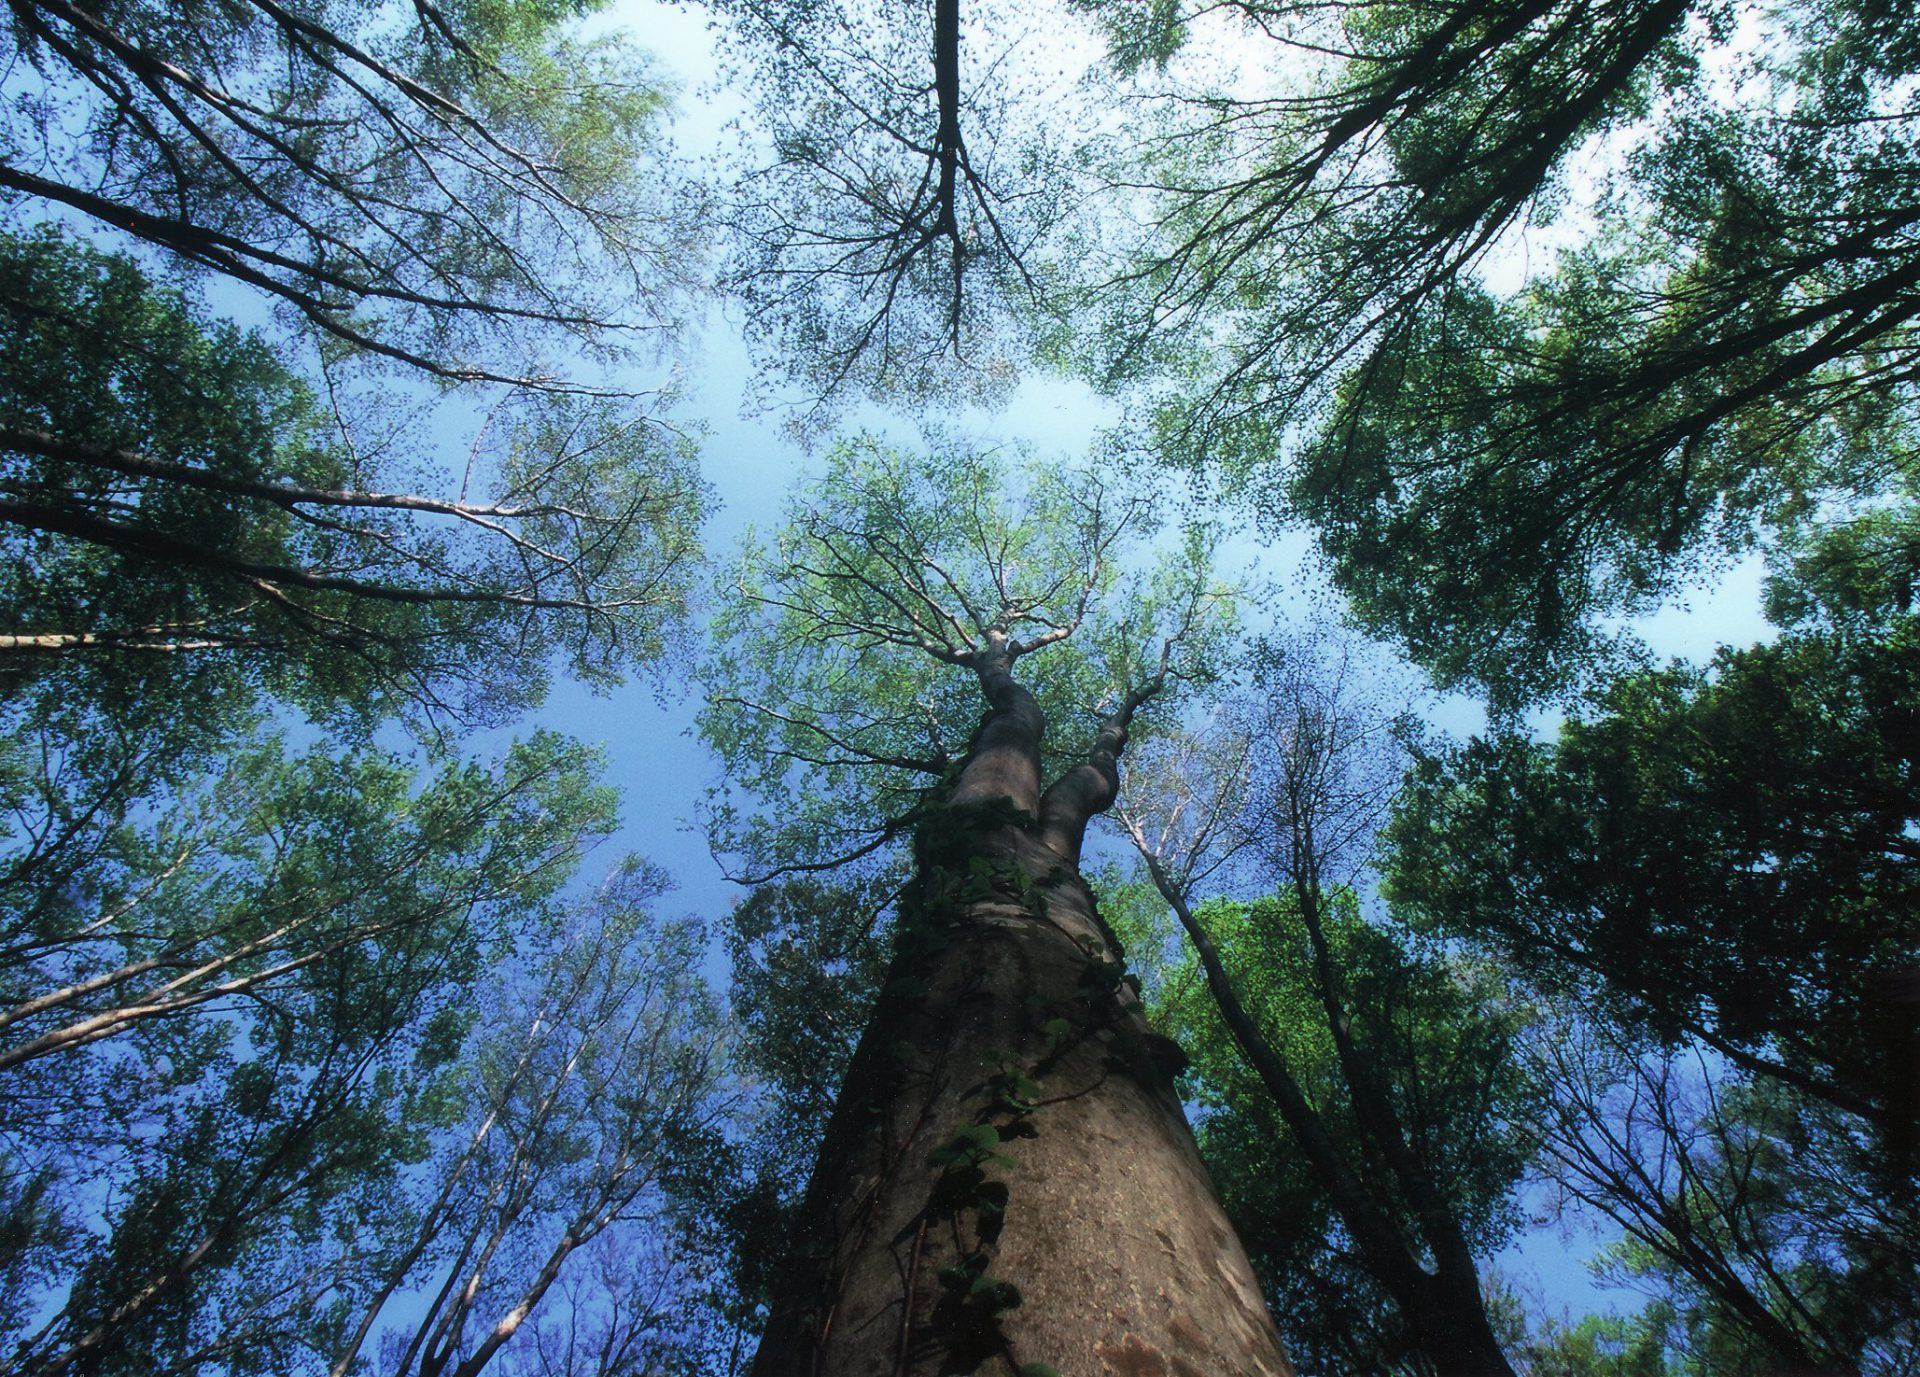 都会の生活で疲れた心と体に・・・ 森林浴でマイナスイオンをたっぷりと浴び、心身ともに癒されましょう。上を見上げればそこには青空、気分も晴れ渡るでしょう